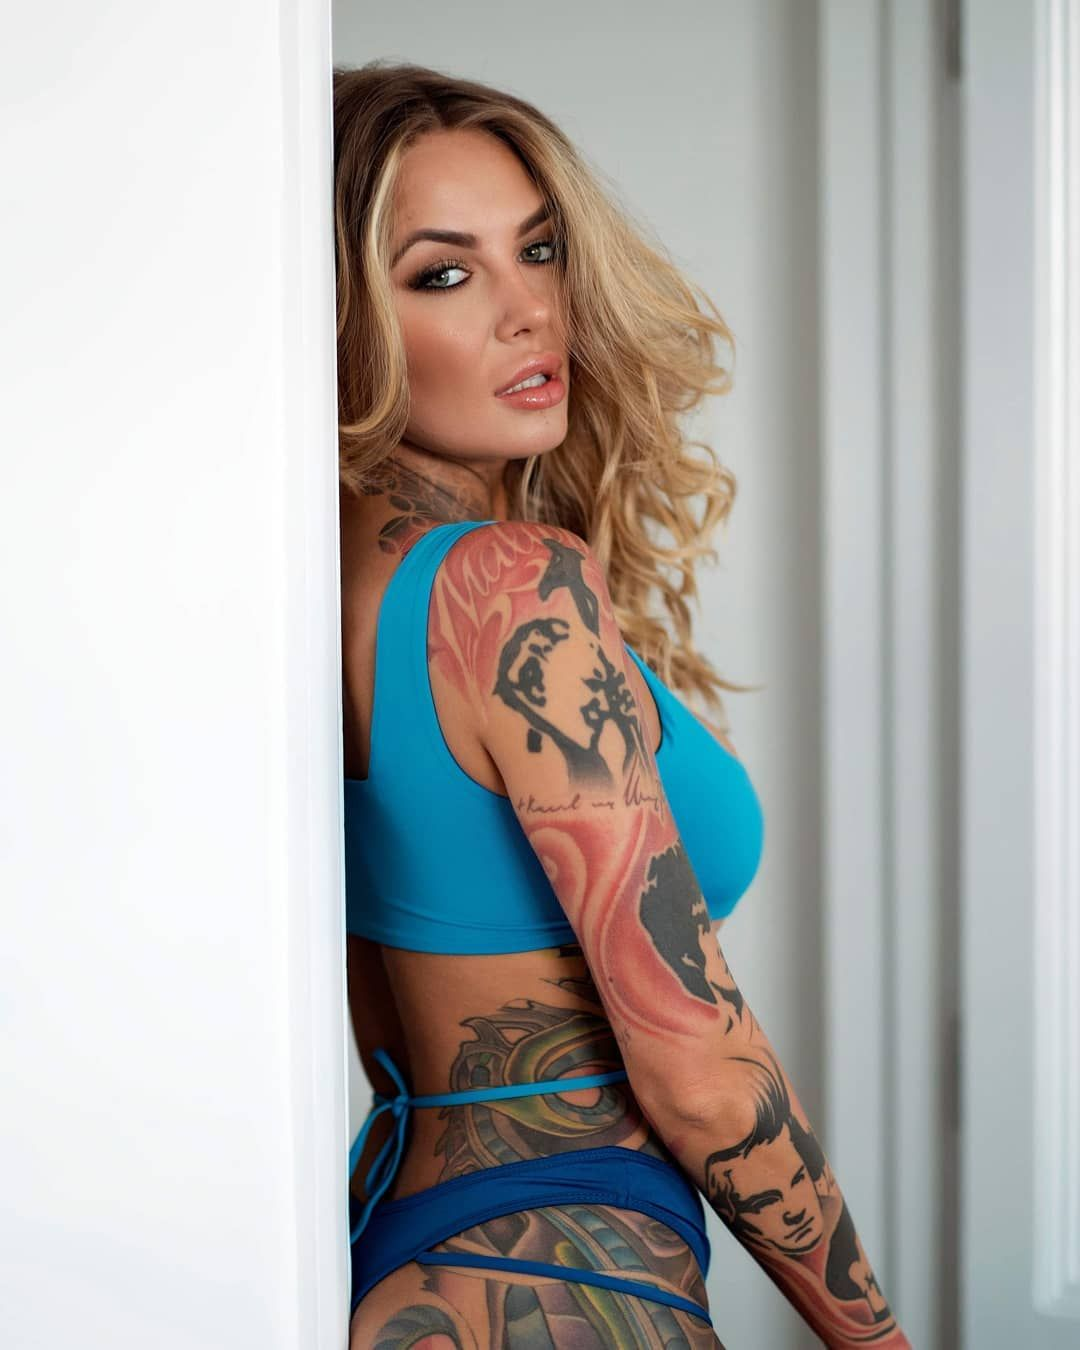 Pics girls unique sexy unusual porn